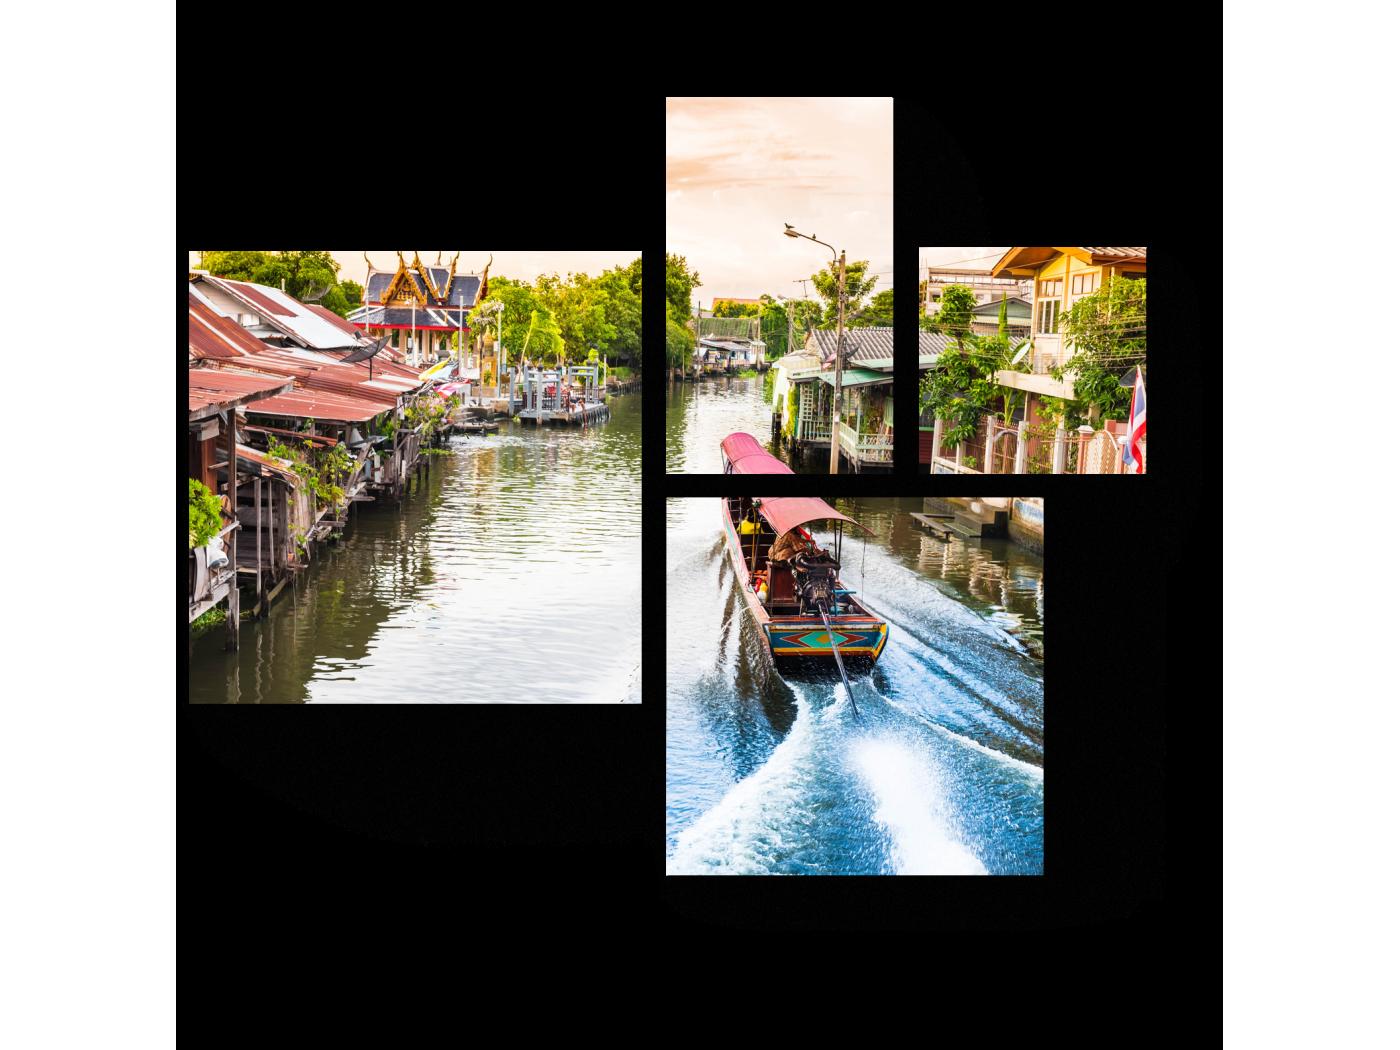 Модульная картина Путешествие по каналам Бангкока (72x60) фото